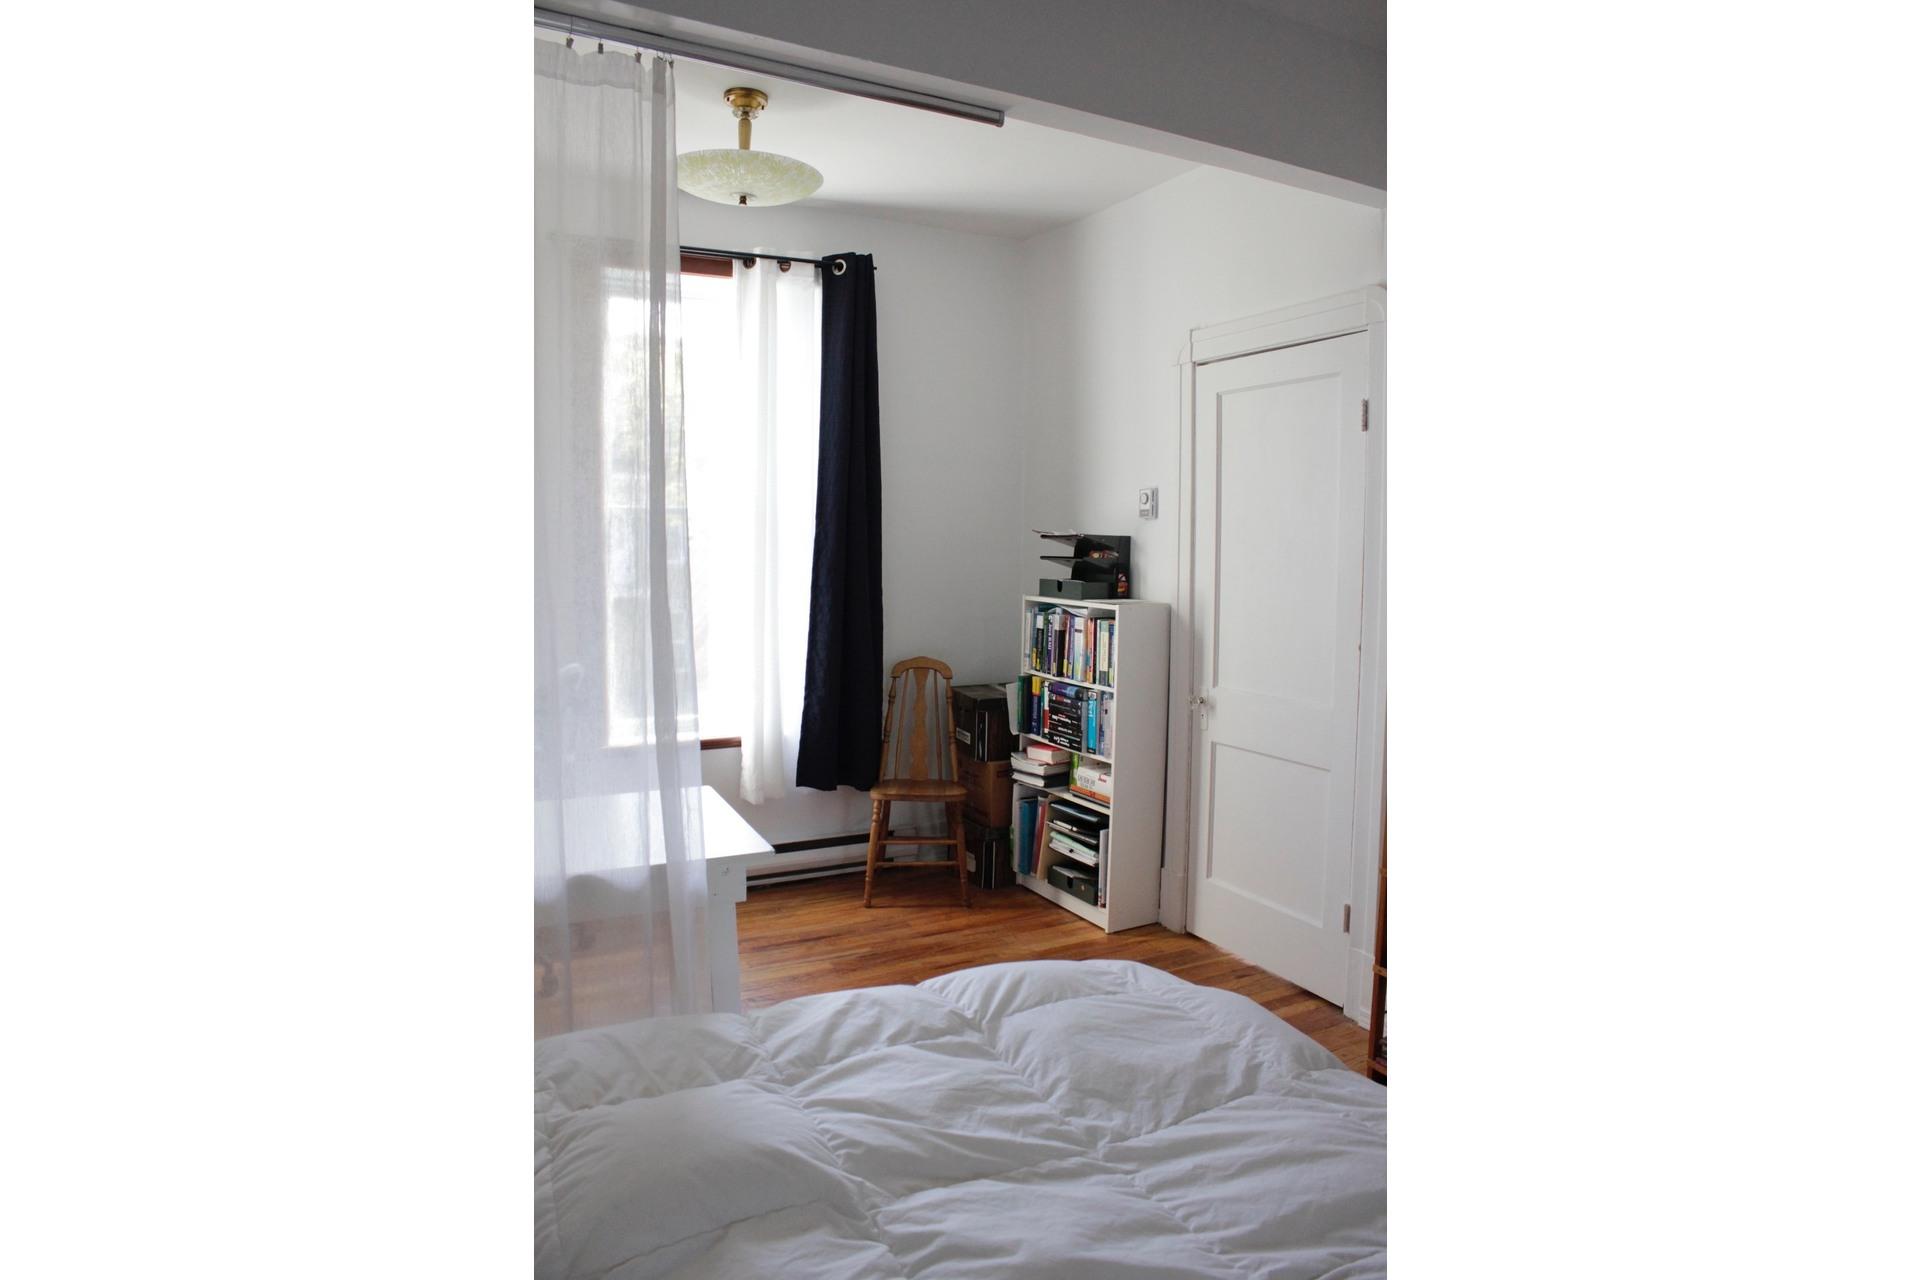 image 11 - Duplex À vendre Rosemont/La Petite-Patrie Montréal  - 6 pièces